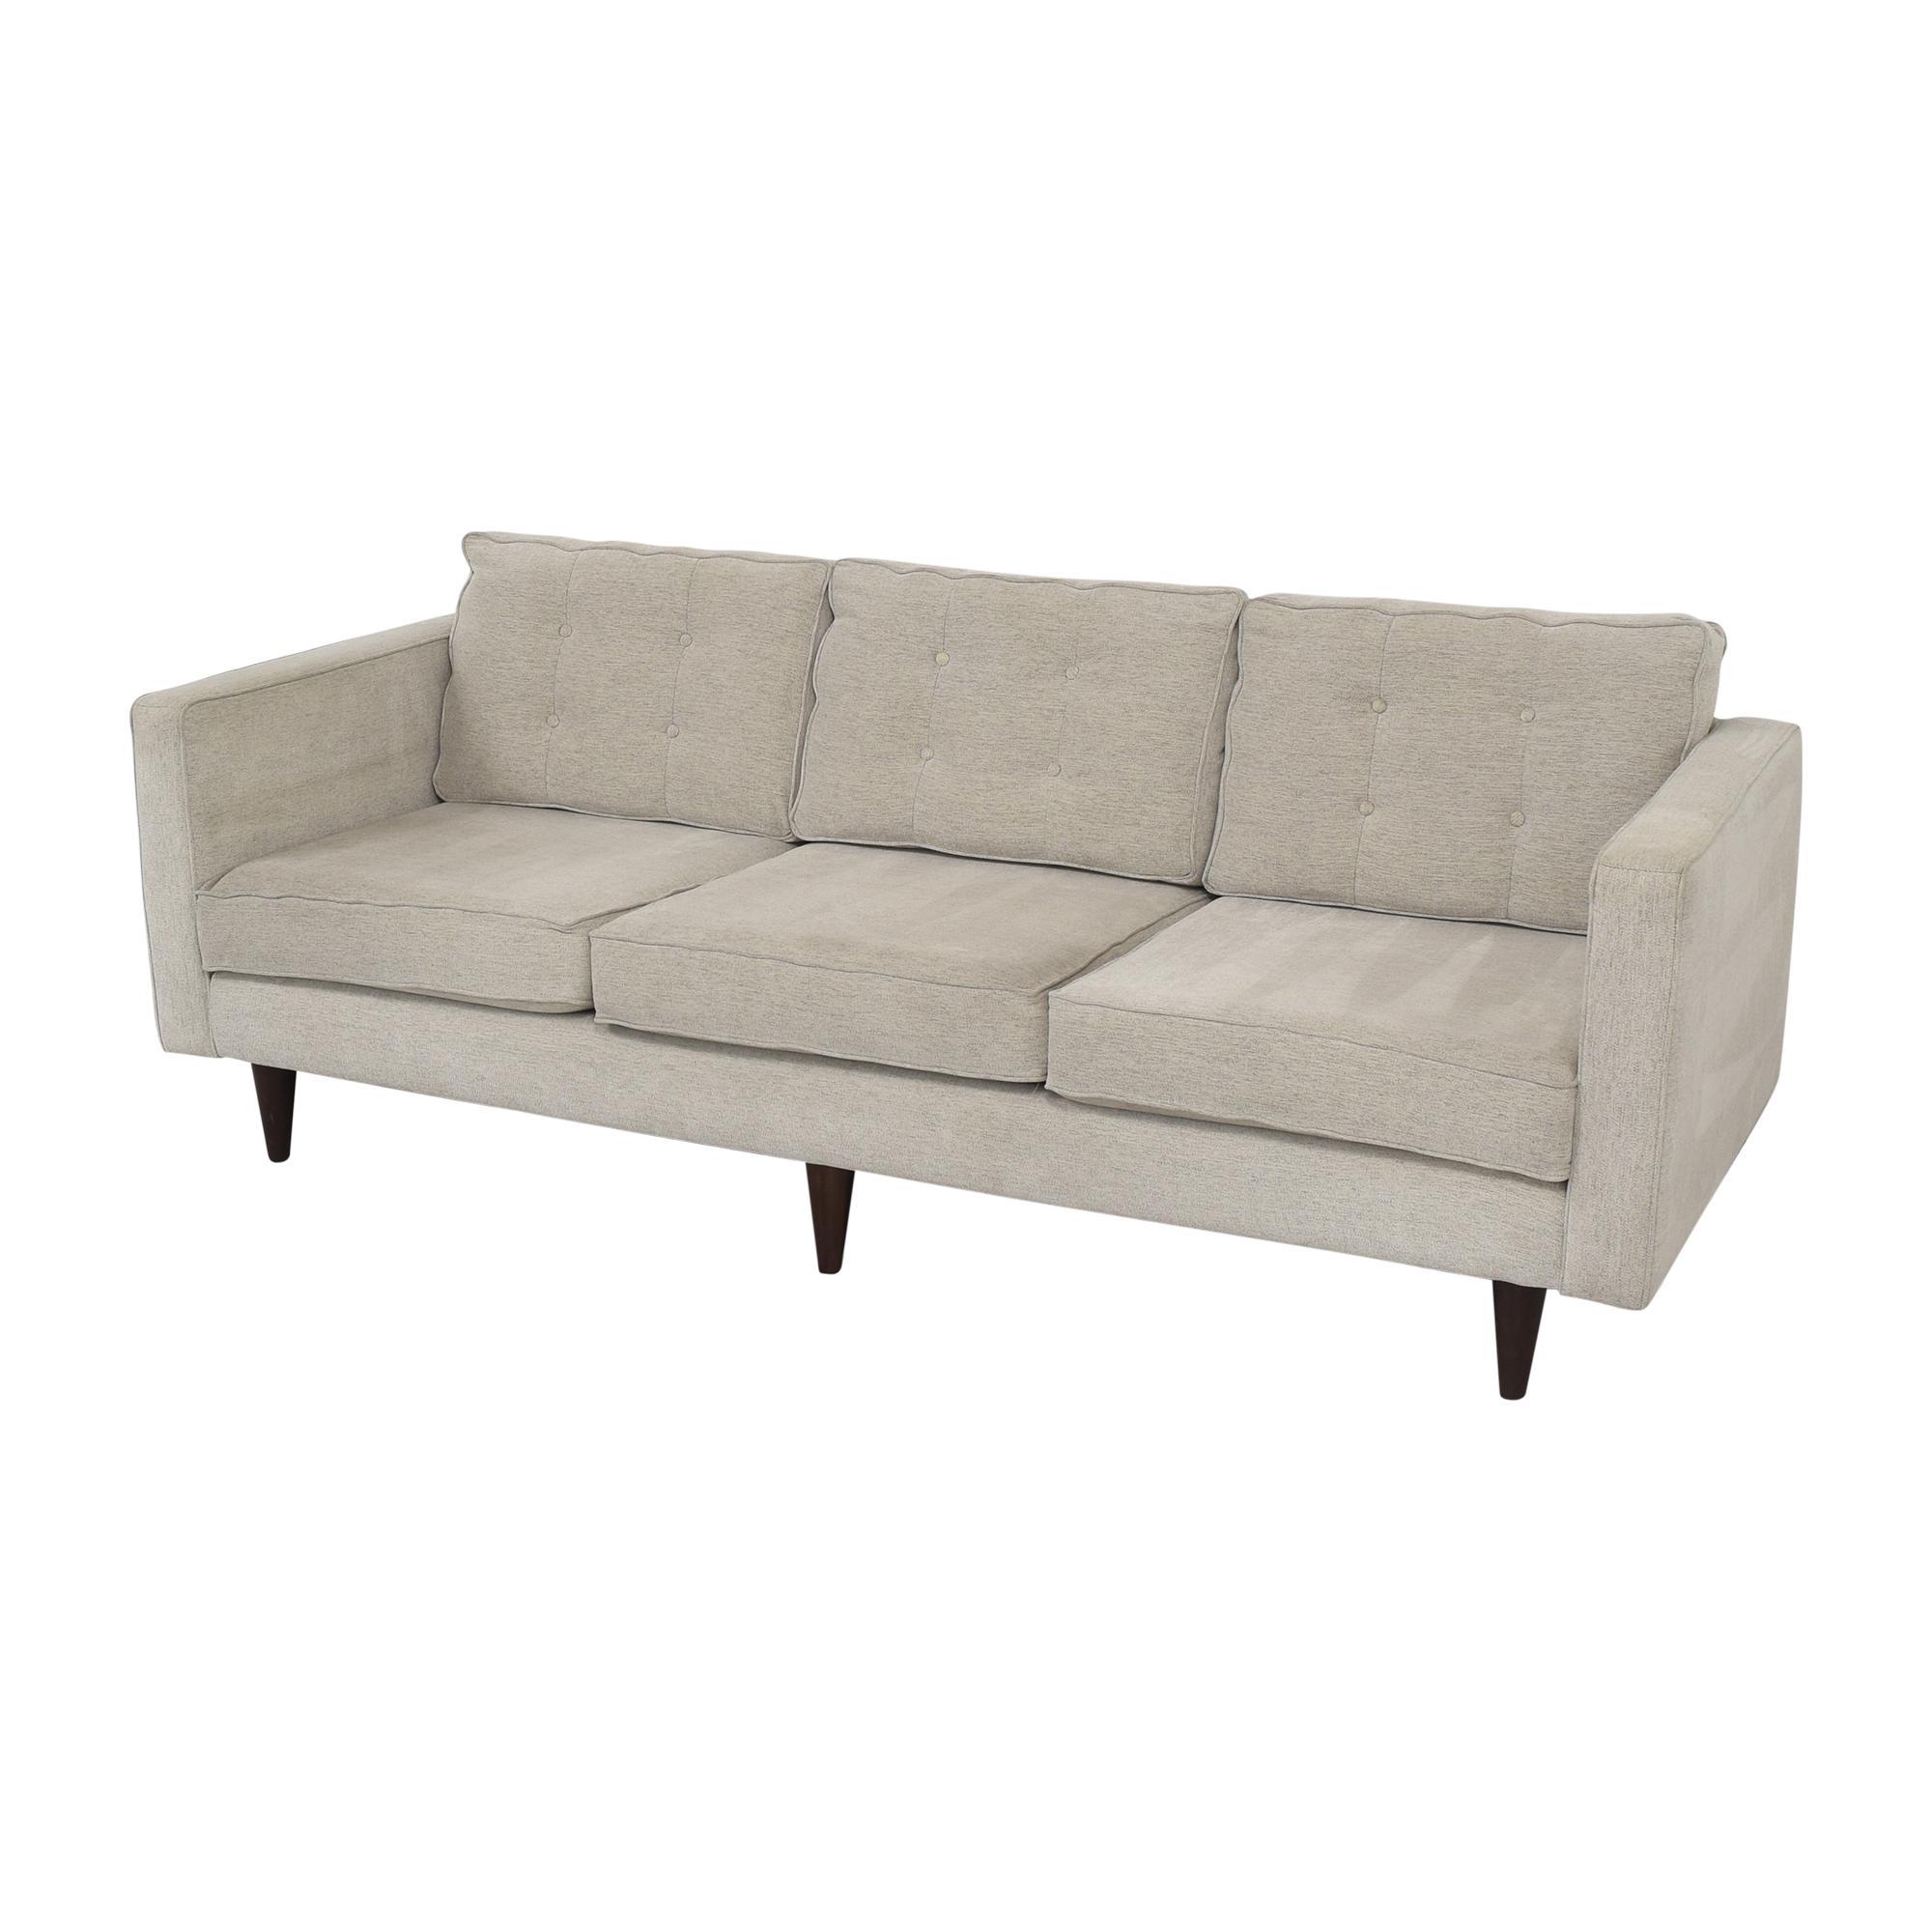 Joybird Joybird Braxton Mid Century Sofa Sofas